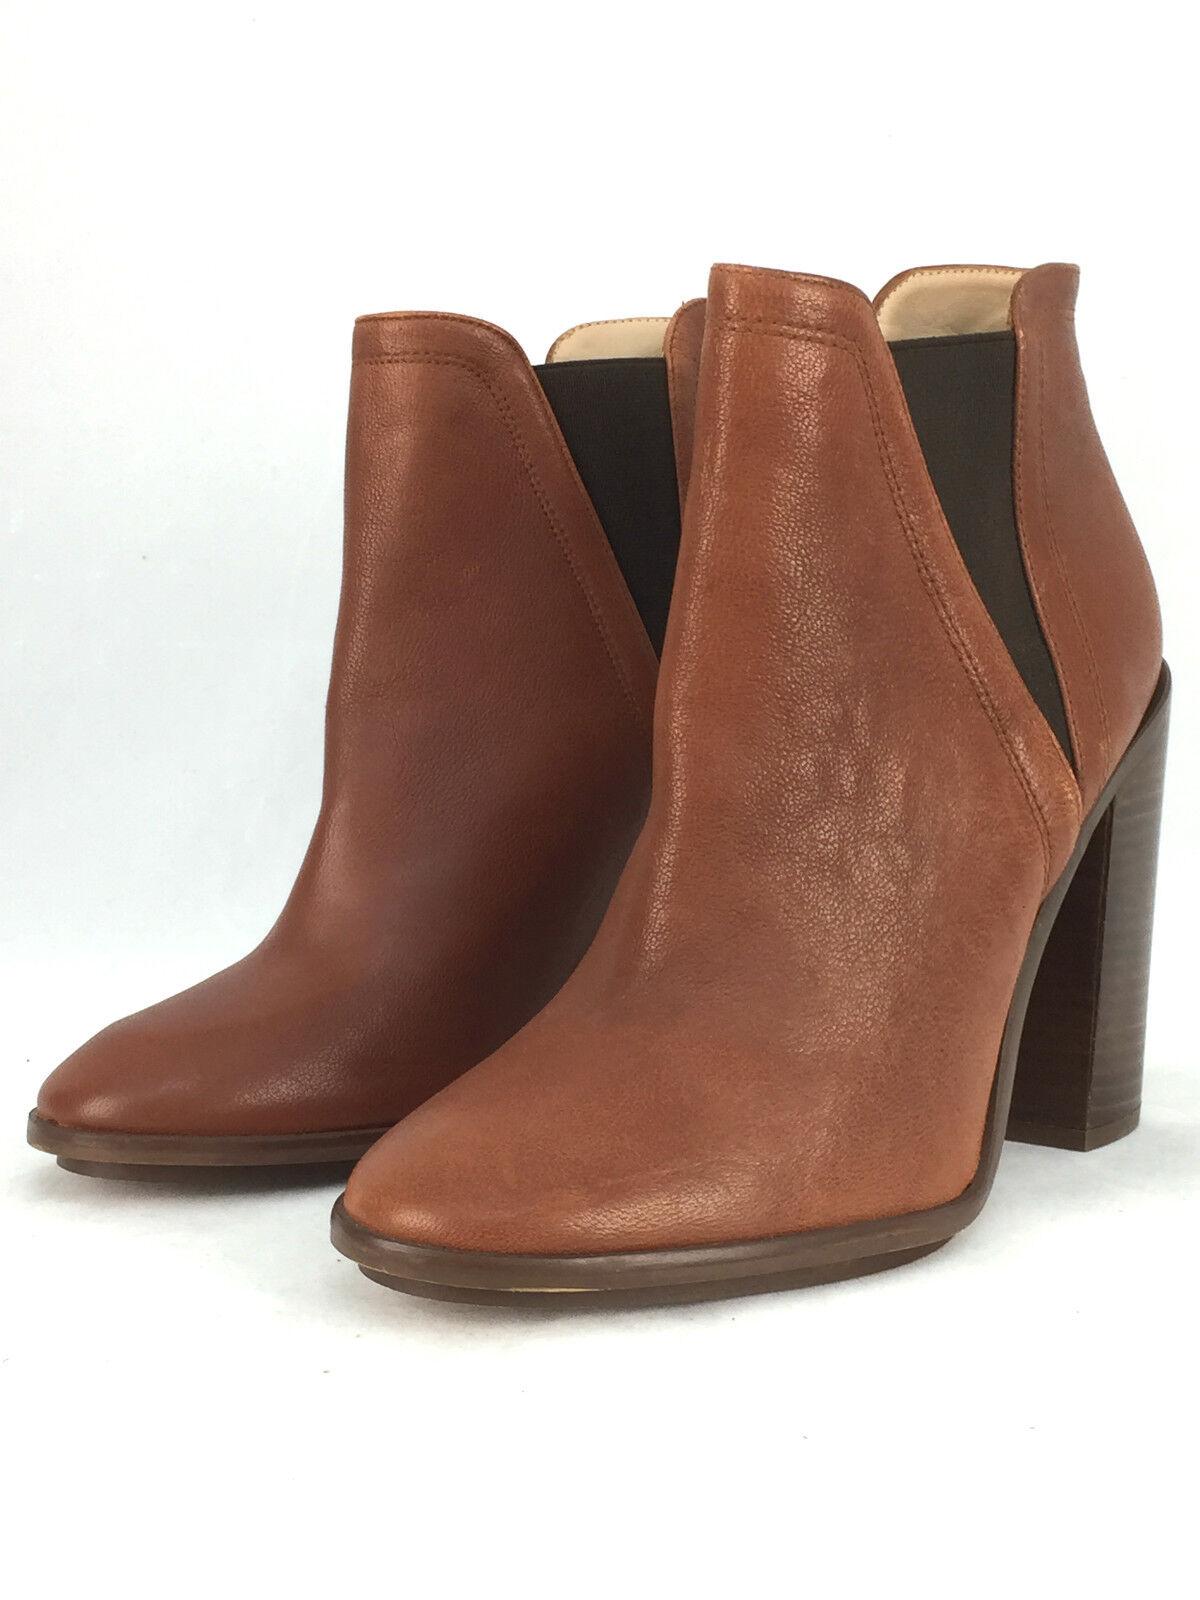 Zara Cuero Tacón Alto Botas al Tobillo Zapatos Talla UK5/EUR38/US7.5  .99